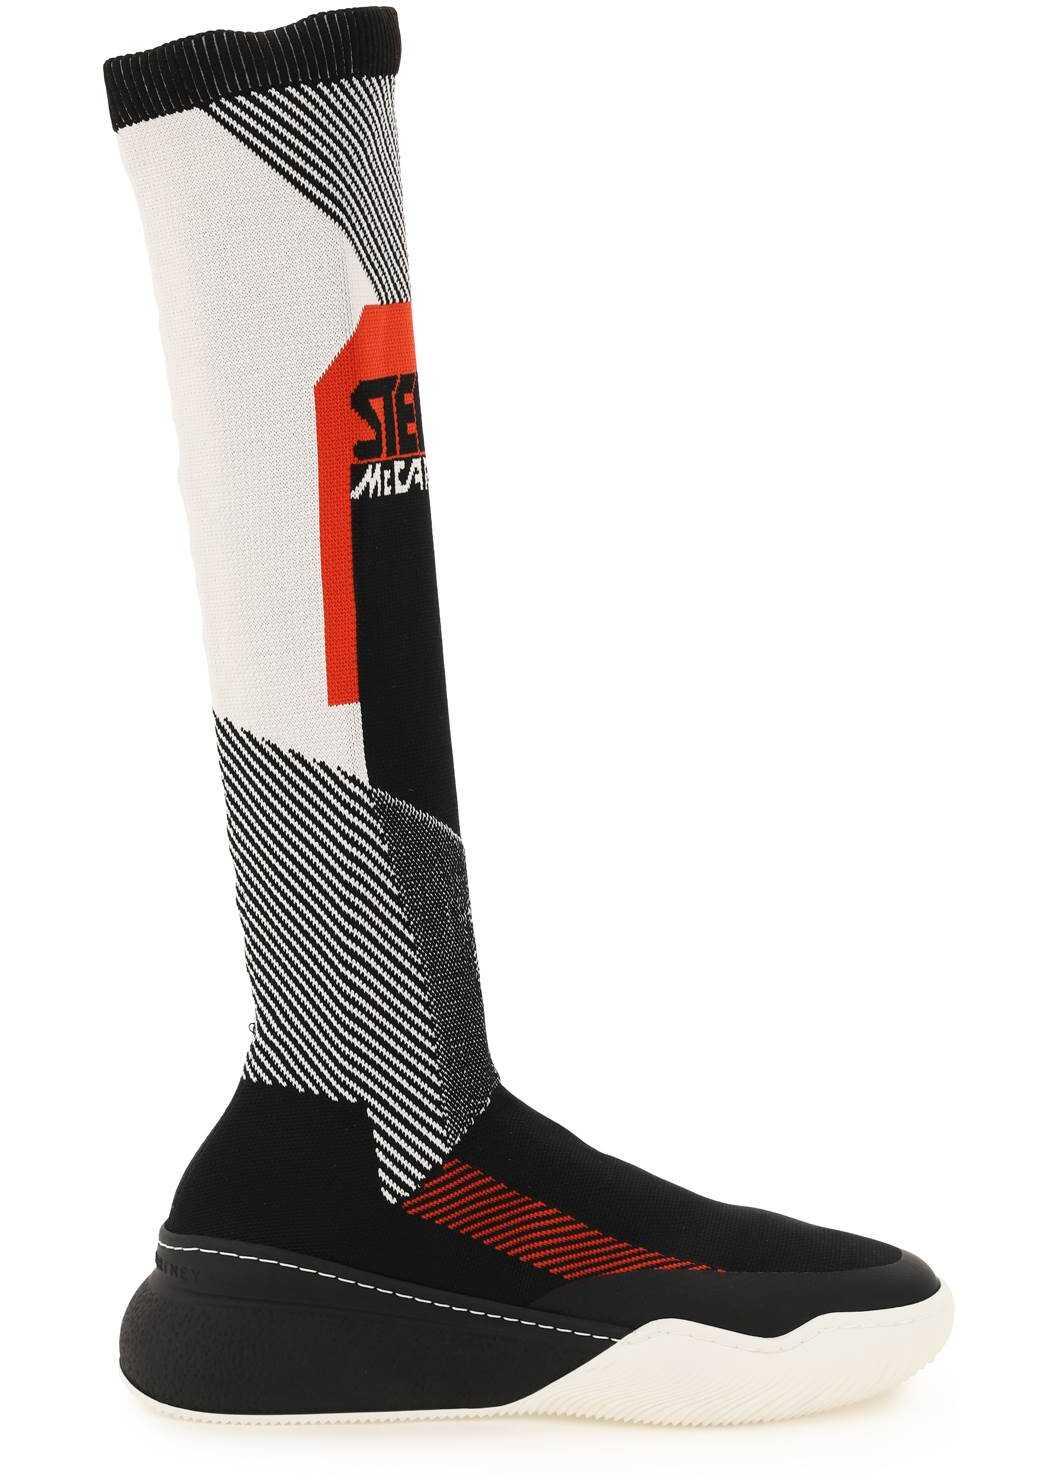 Stella McCartney Loop Sock Sneakers 800395 N0252 MULTI CLOU image0